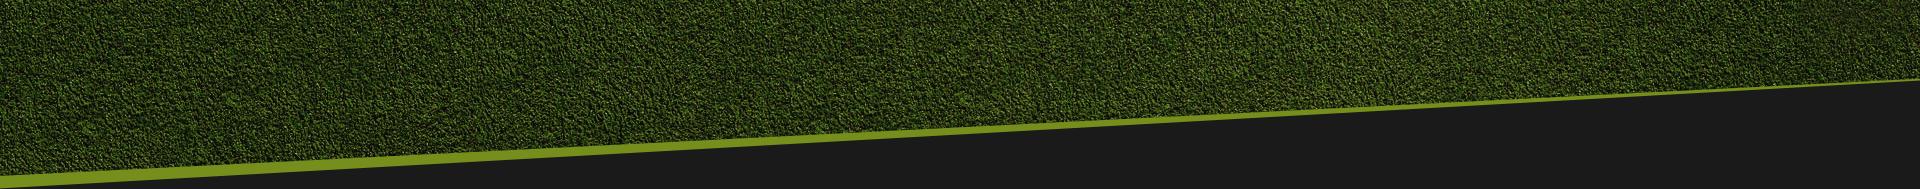 bot grass v2 Betvision88